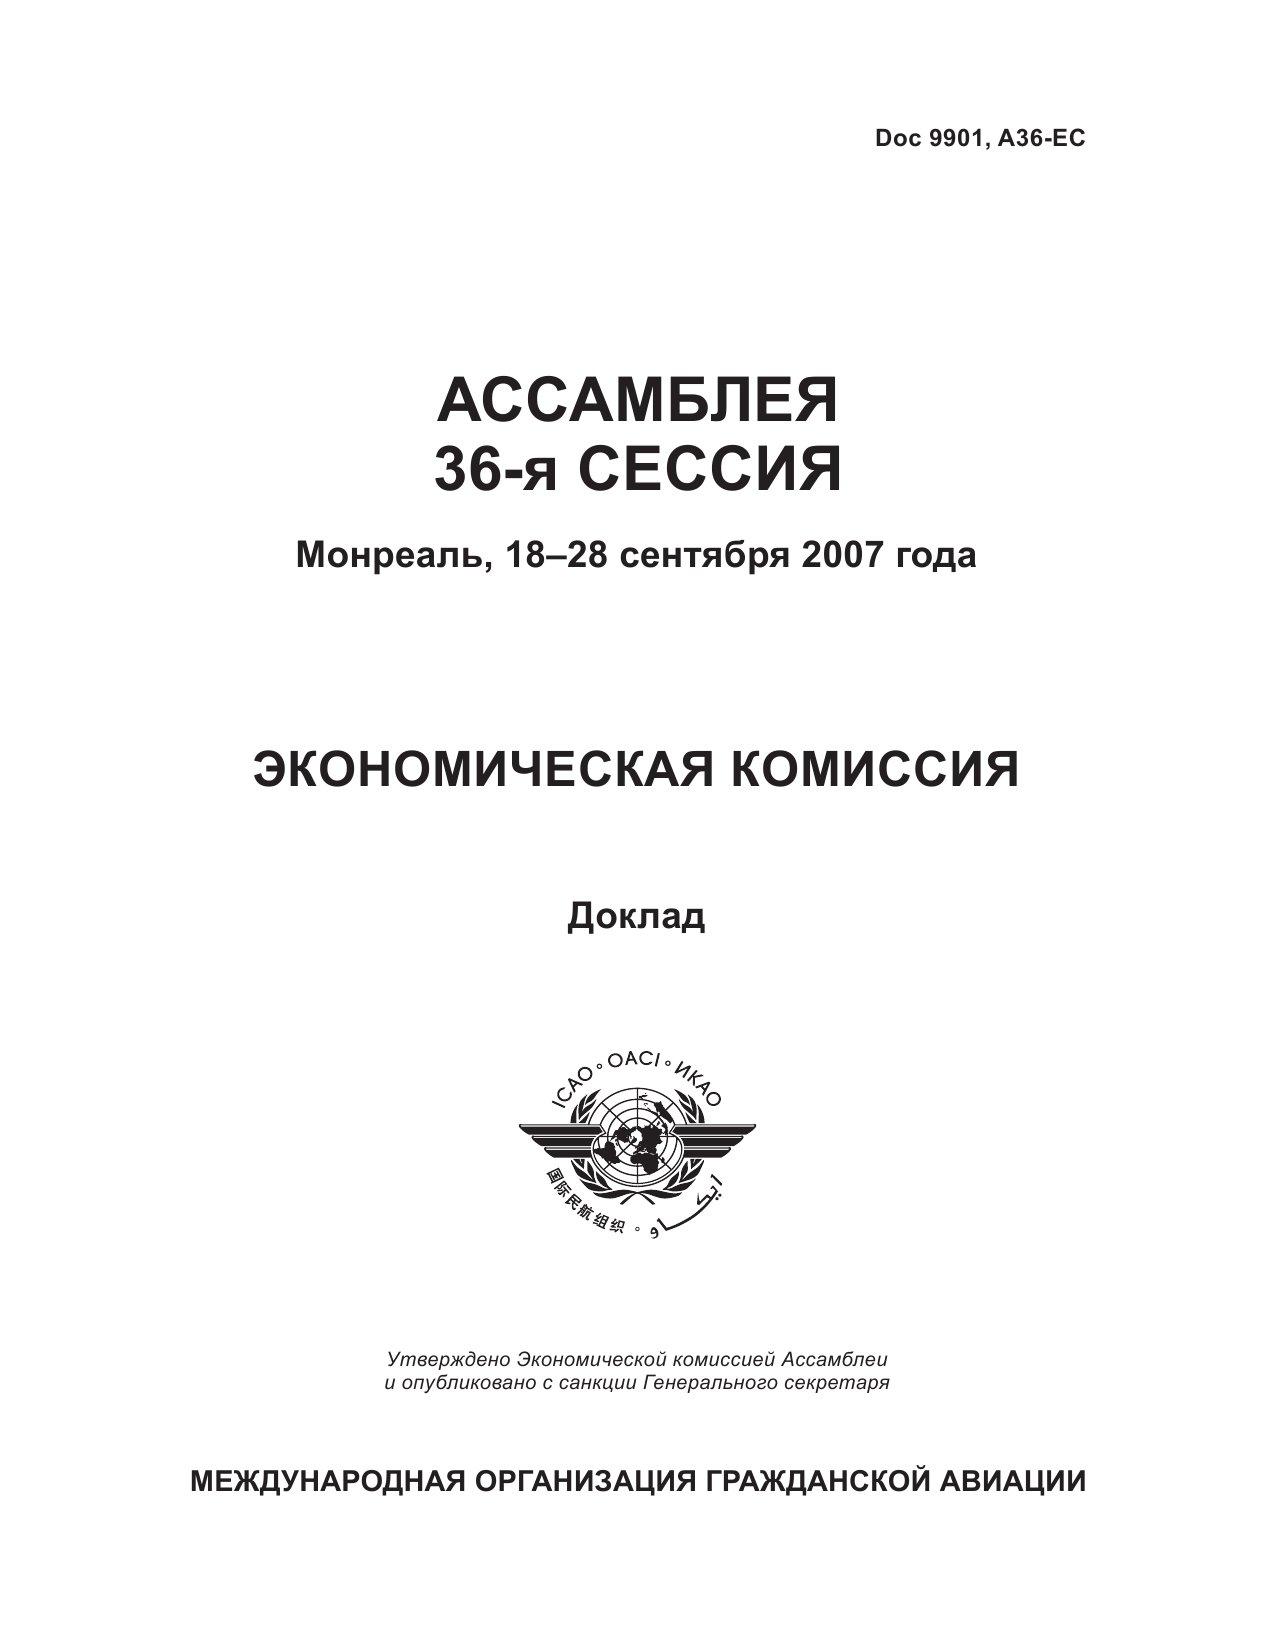 ICAO Doc 9901 АССАМБЛЕЯ 36-я СЕССИЯ. Монреаль, 18-28 сентября 2007 г. Доклад Экономической комиссии.